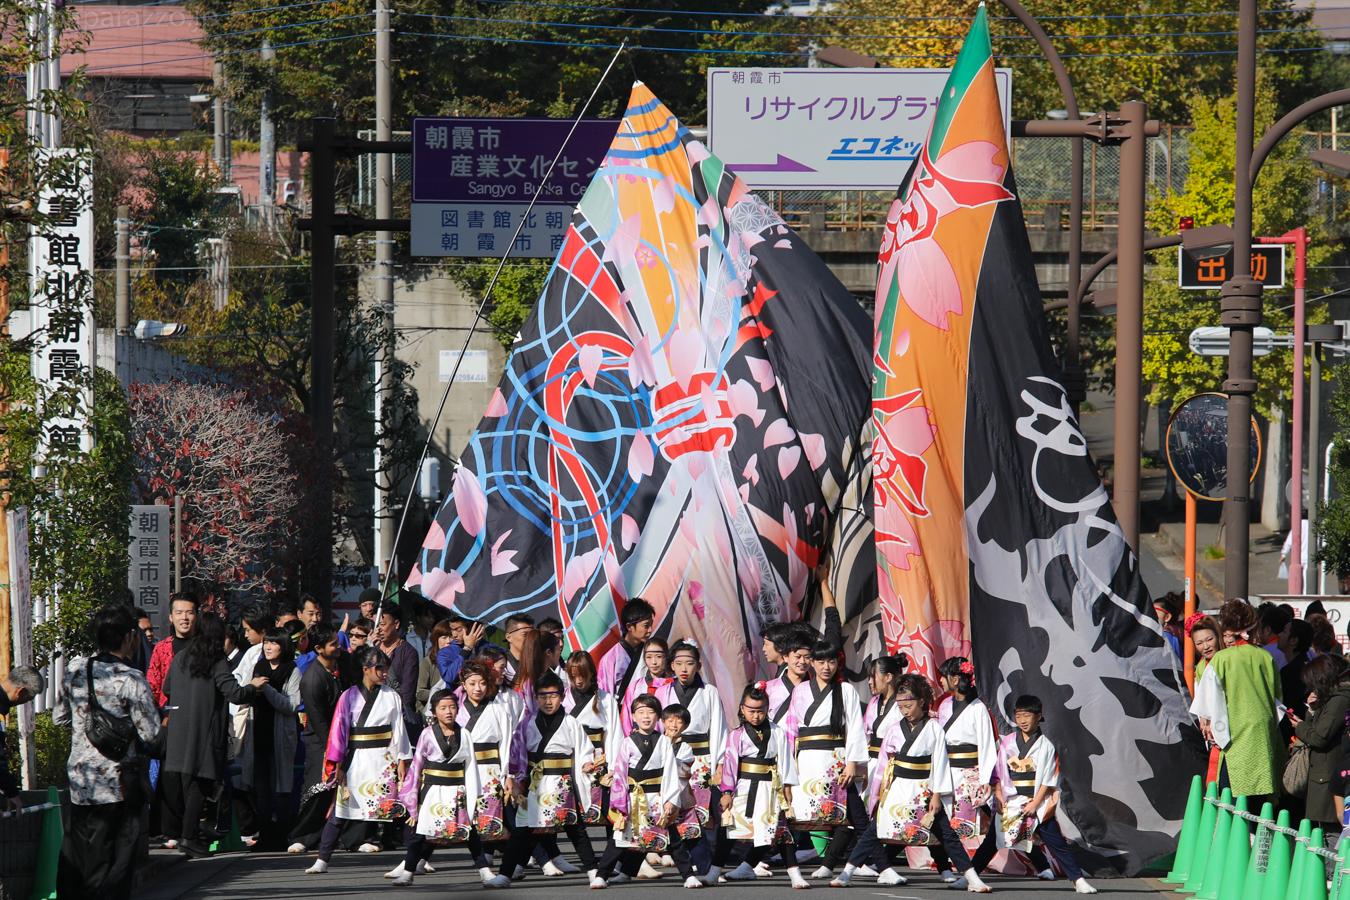 kabuki2016ran_oyachai-3.jpg